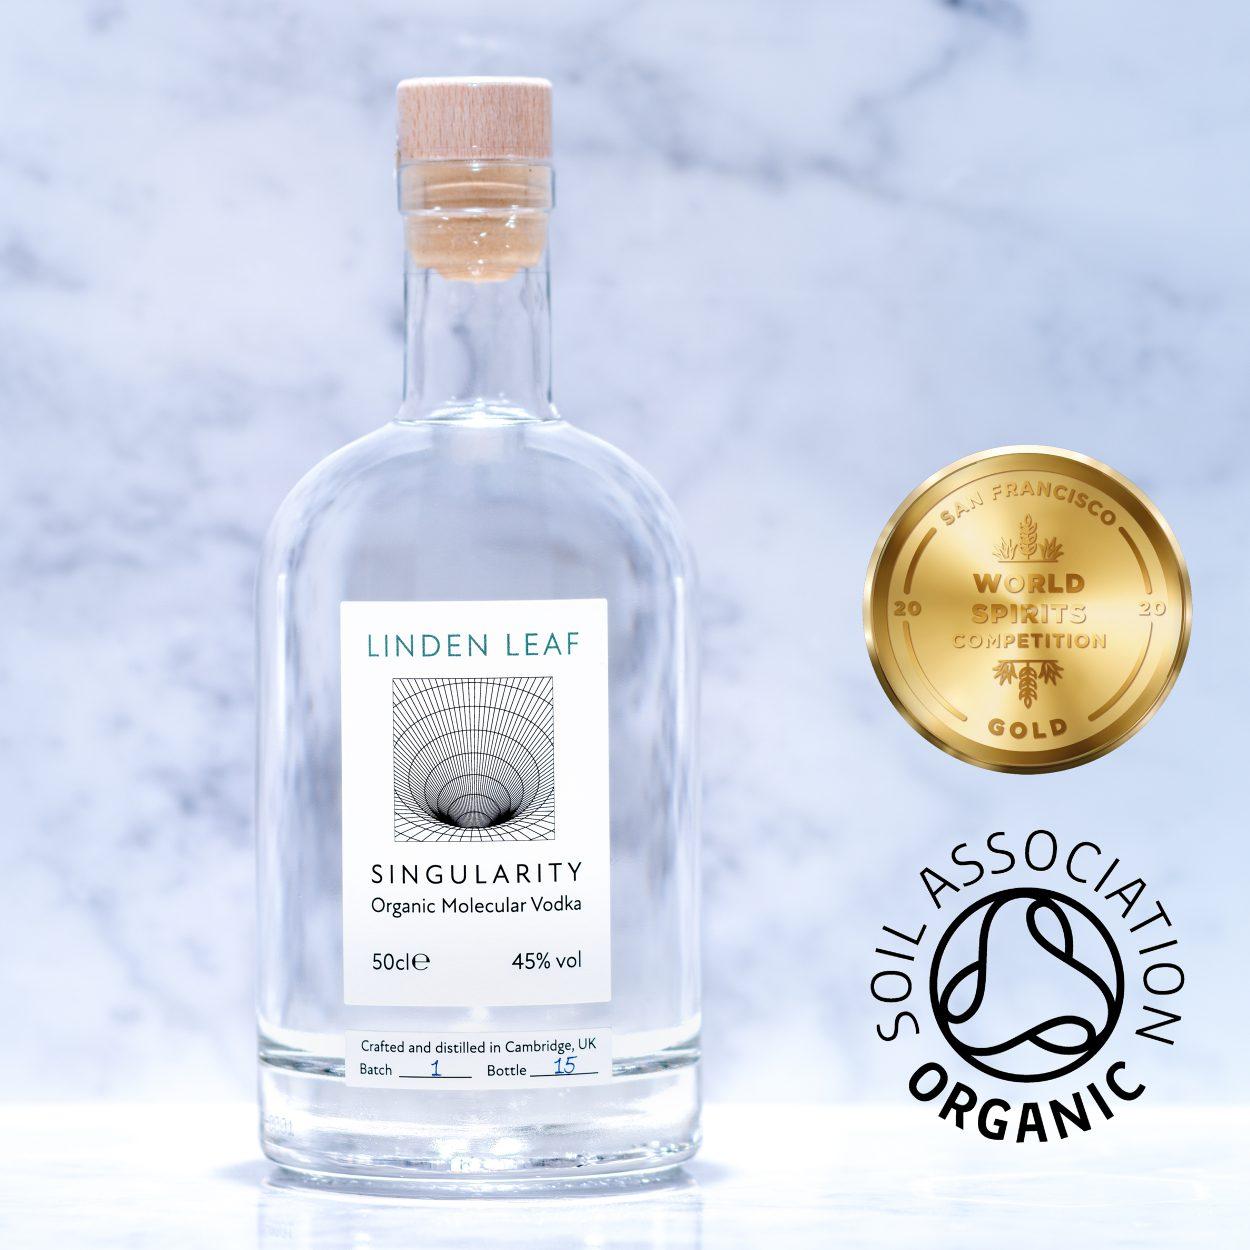 Linden Leaf Singularity Vodka